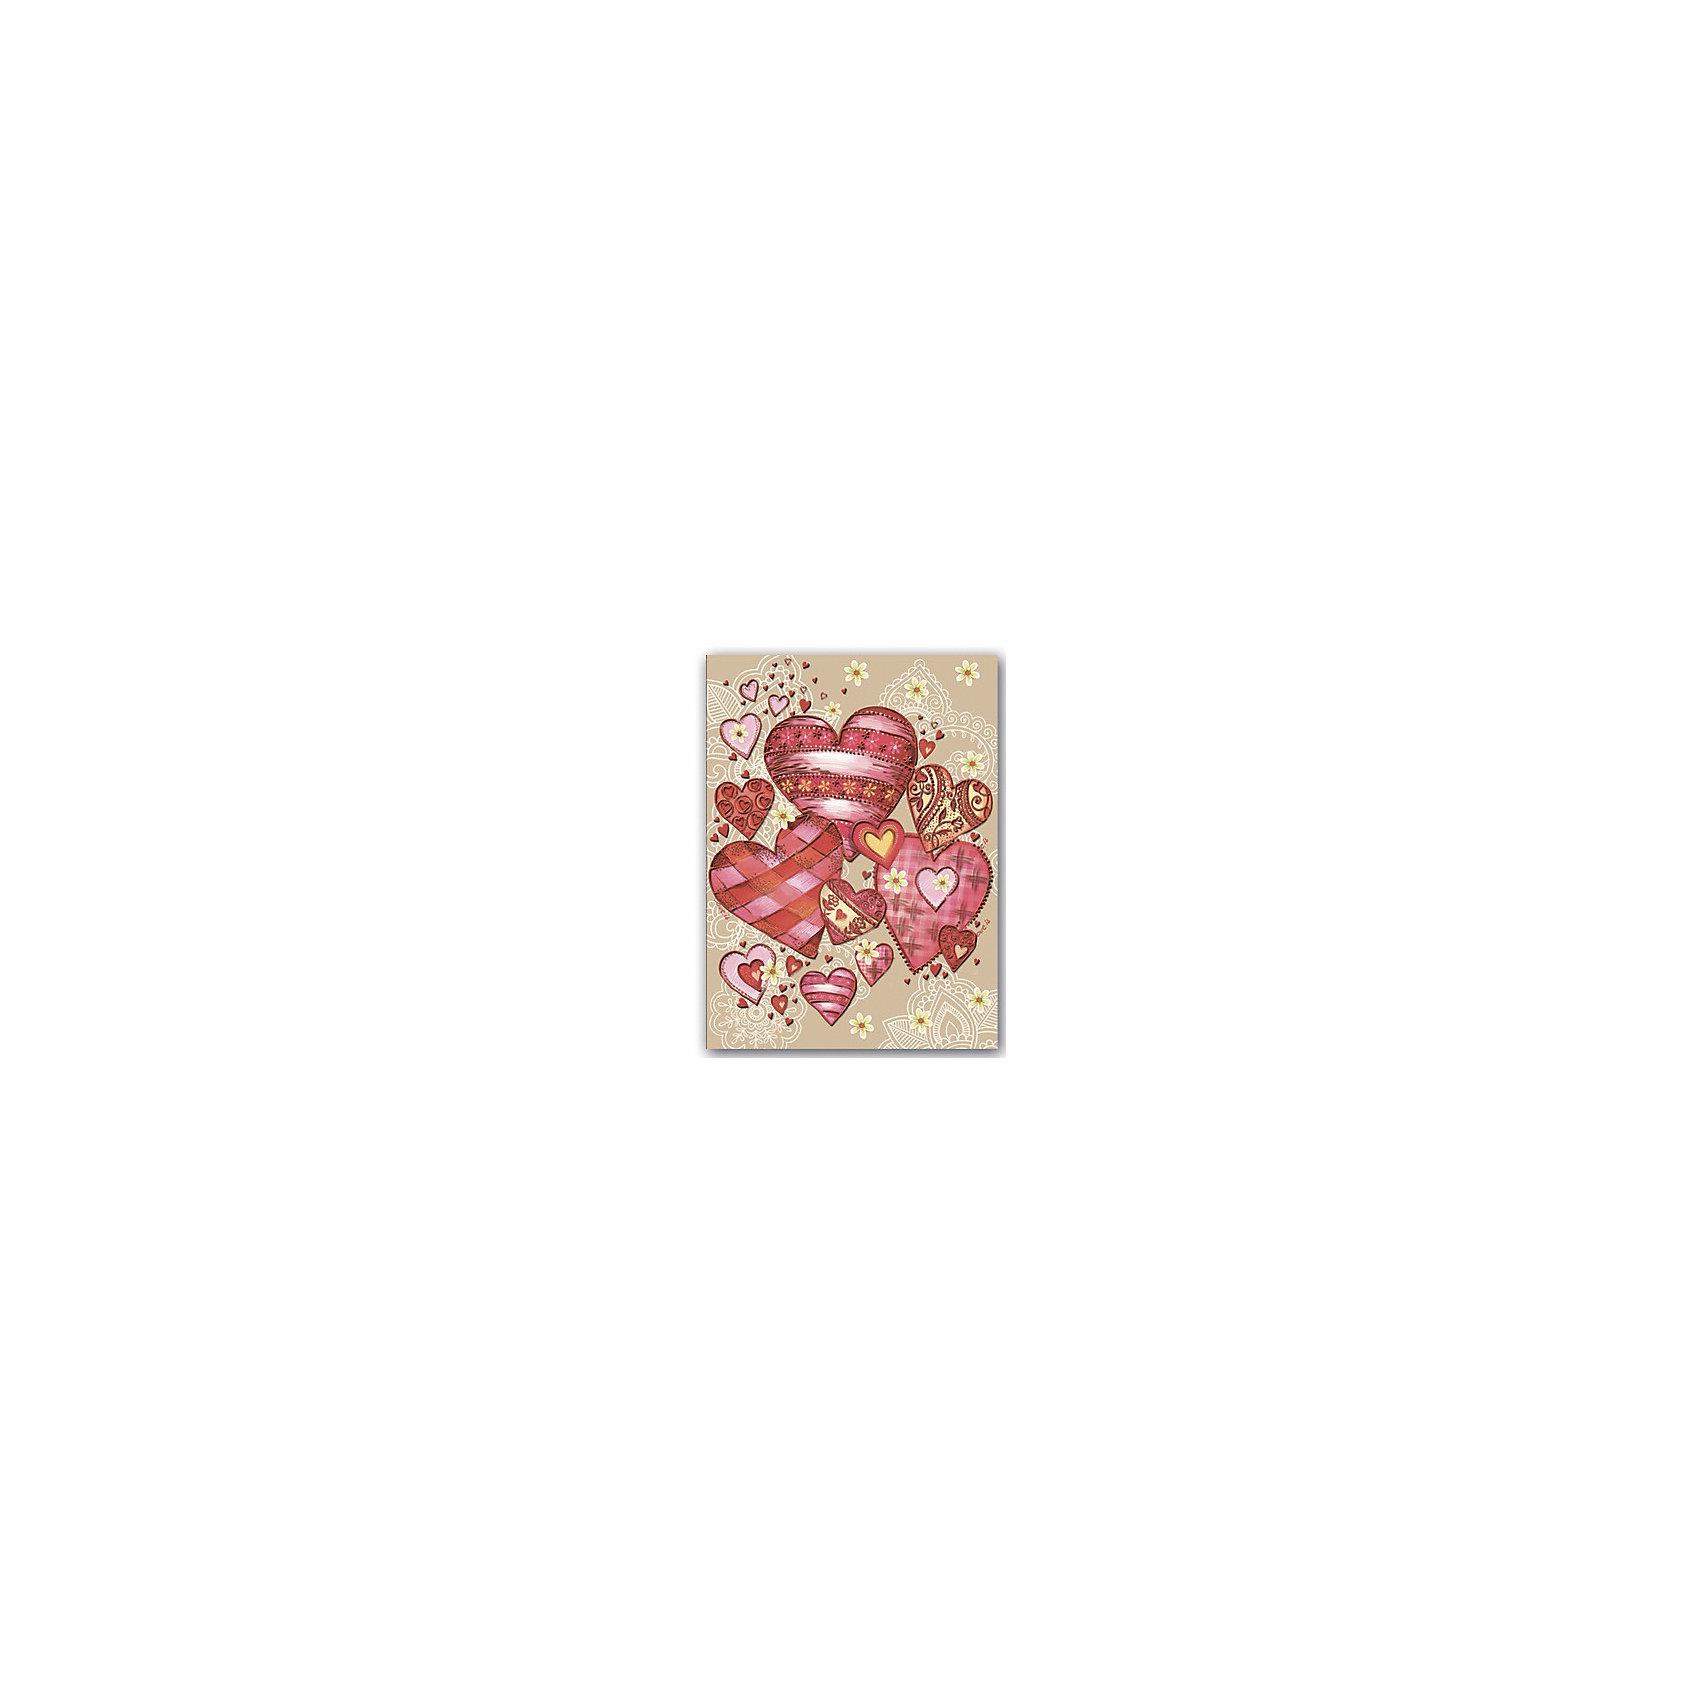 Записная книжка Сердечки А6, 160 листовБумажная продукция<br>Красивая записная книжка, украшенная оригинальным рисунком, стразами и фольгой обязательно понравится девочке и станет желанным подарком на любой праздник. Плотные страницы идеально подойдут для рисунков и записей, а прочная красивая обложка надежно сохранит все девичьи секреты!  <br>Небольшой формат позволяет брать записную книжку куда угодно - она запросто поместится в любой сумочке и всегда будет под рукой! <br><br>Дополнительная информация:<br><br>- Обложка: твердая, 7БЦ с печатью по металлизированной бумаге, тиснение серебряной фольгой. <br>- Количество страниц: 160.<br>- Формат А6 (15 х 11 см.).<br><br>Записную книжку Сердечки, А6, можно купить в нашем магазине.<br><br>Ширина мм: 110<br>Глубина мм: 145<br>Высота мм: 10<br>Вес г: 130<br>Возраст от месяцев: 48<br>Возраст до месяцев: 2147483647<br>Пол: Женский<br>Возраст: Детский<br>SKU: 4756027